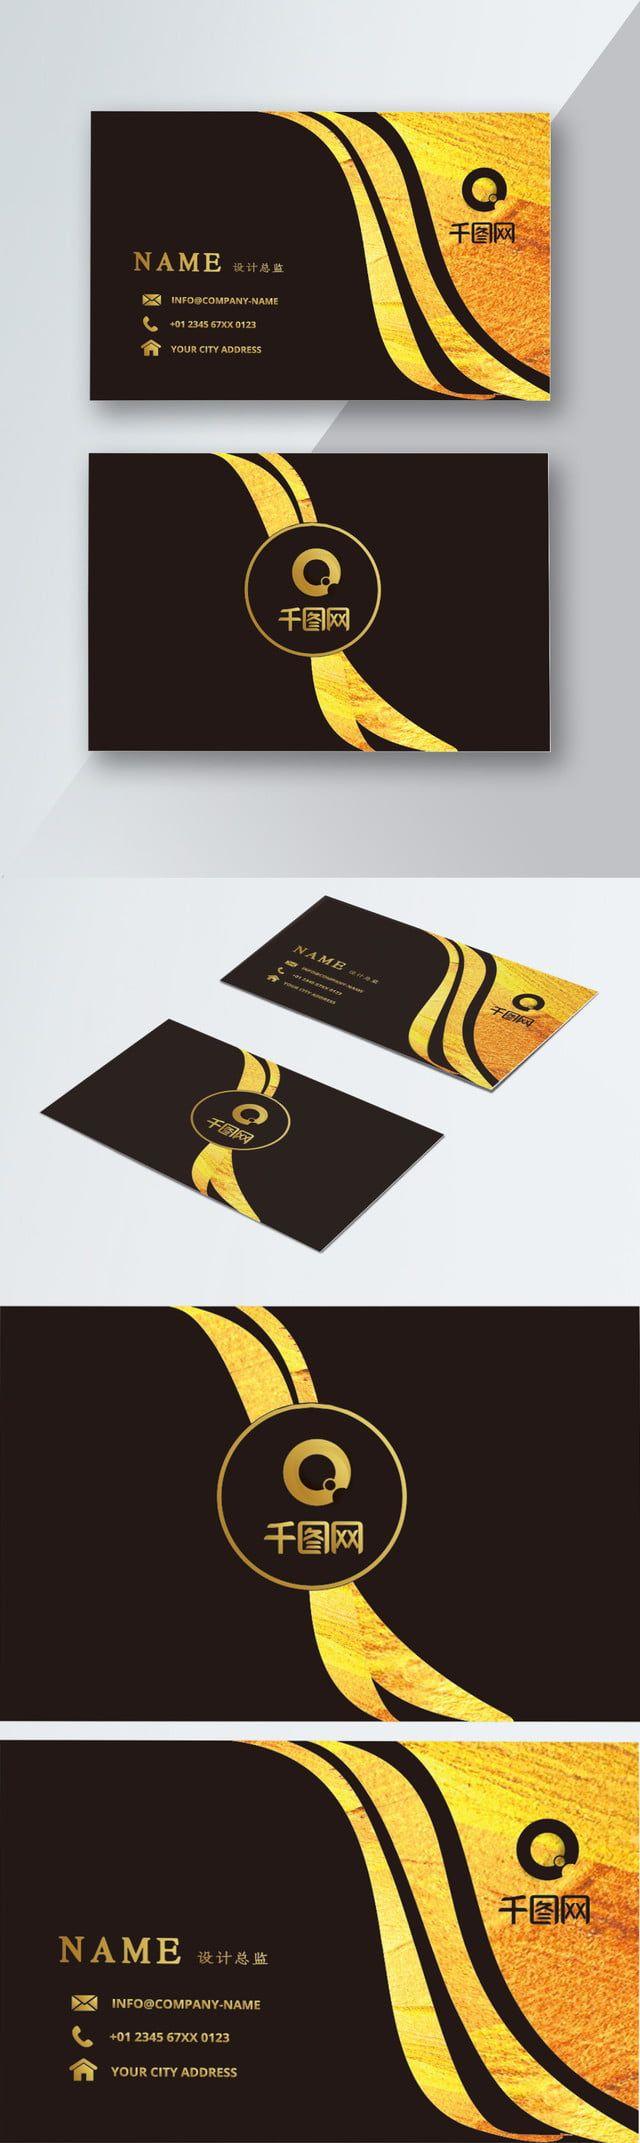 قالب بطاقة عمل خط الذهب الذهب الأسود المادي تحميل المواد مجانا خلفية أسود Card Template Business Card Template Gold Texture